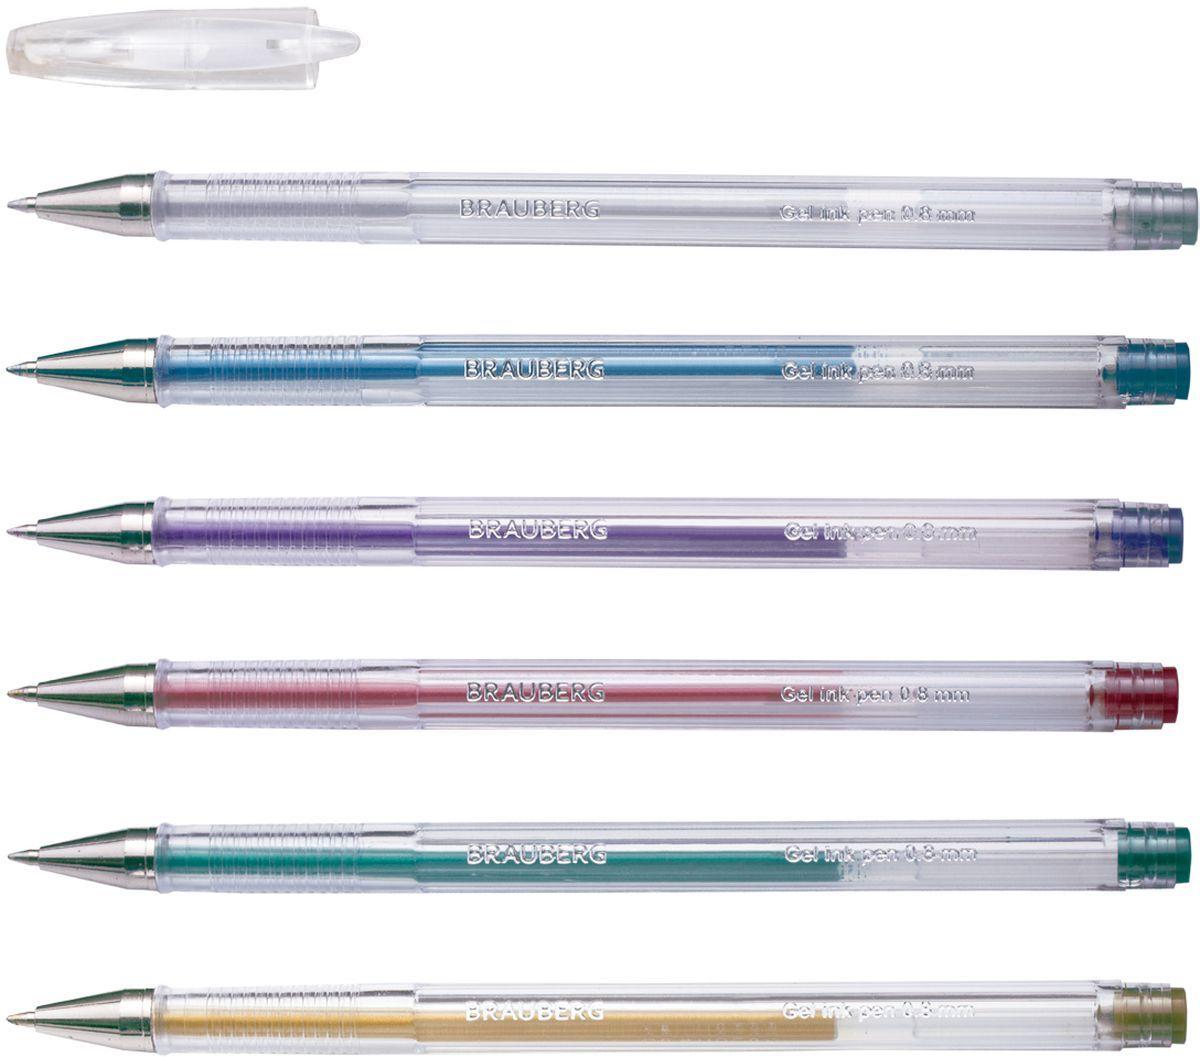 Brauberg Набор гелевых ручек Jet металлик 6 шт72523WDНабор Brauberg Jet включает в себя гелевые ручки ярких, запоминающихся, необычных цветов. Рекомендован для детского творчества. Ручки упакованы в мягкий пластиковый футляр.